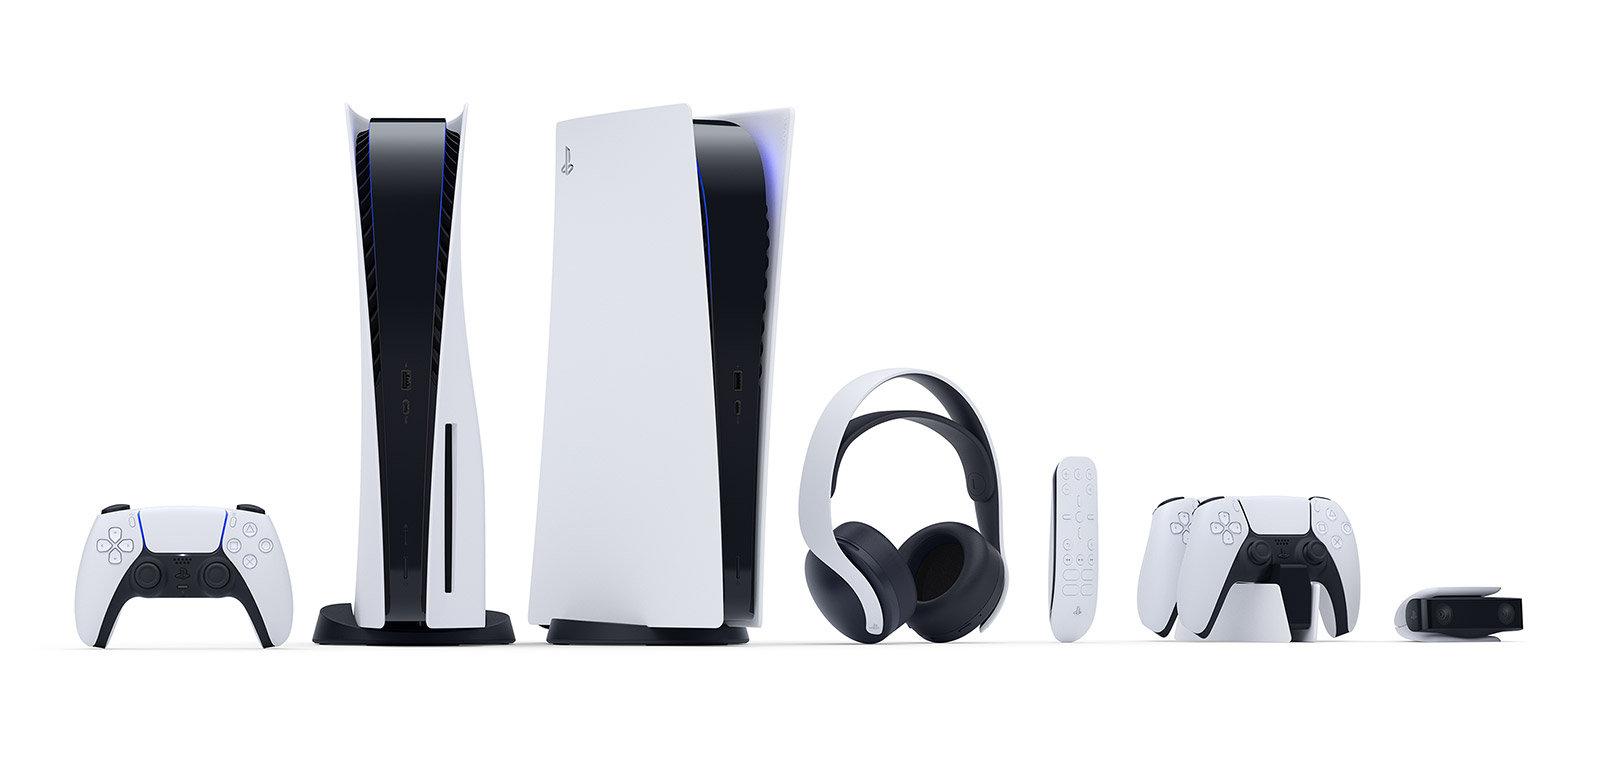 【2021電子產品禮物推薦】男朋友/老公最想收到的驚喜生日禮物 更多資訊: PlayStation官方網站